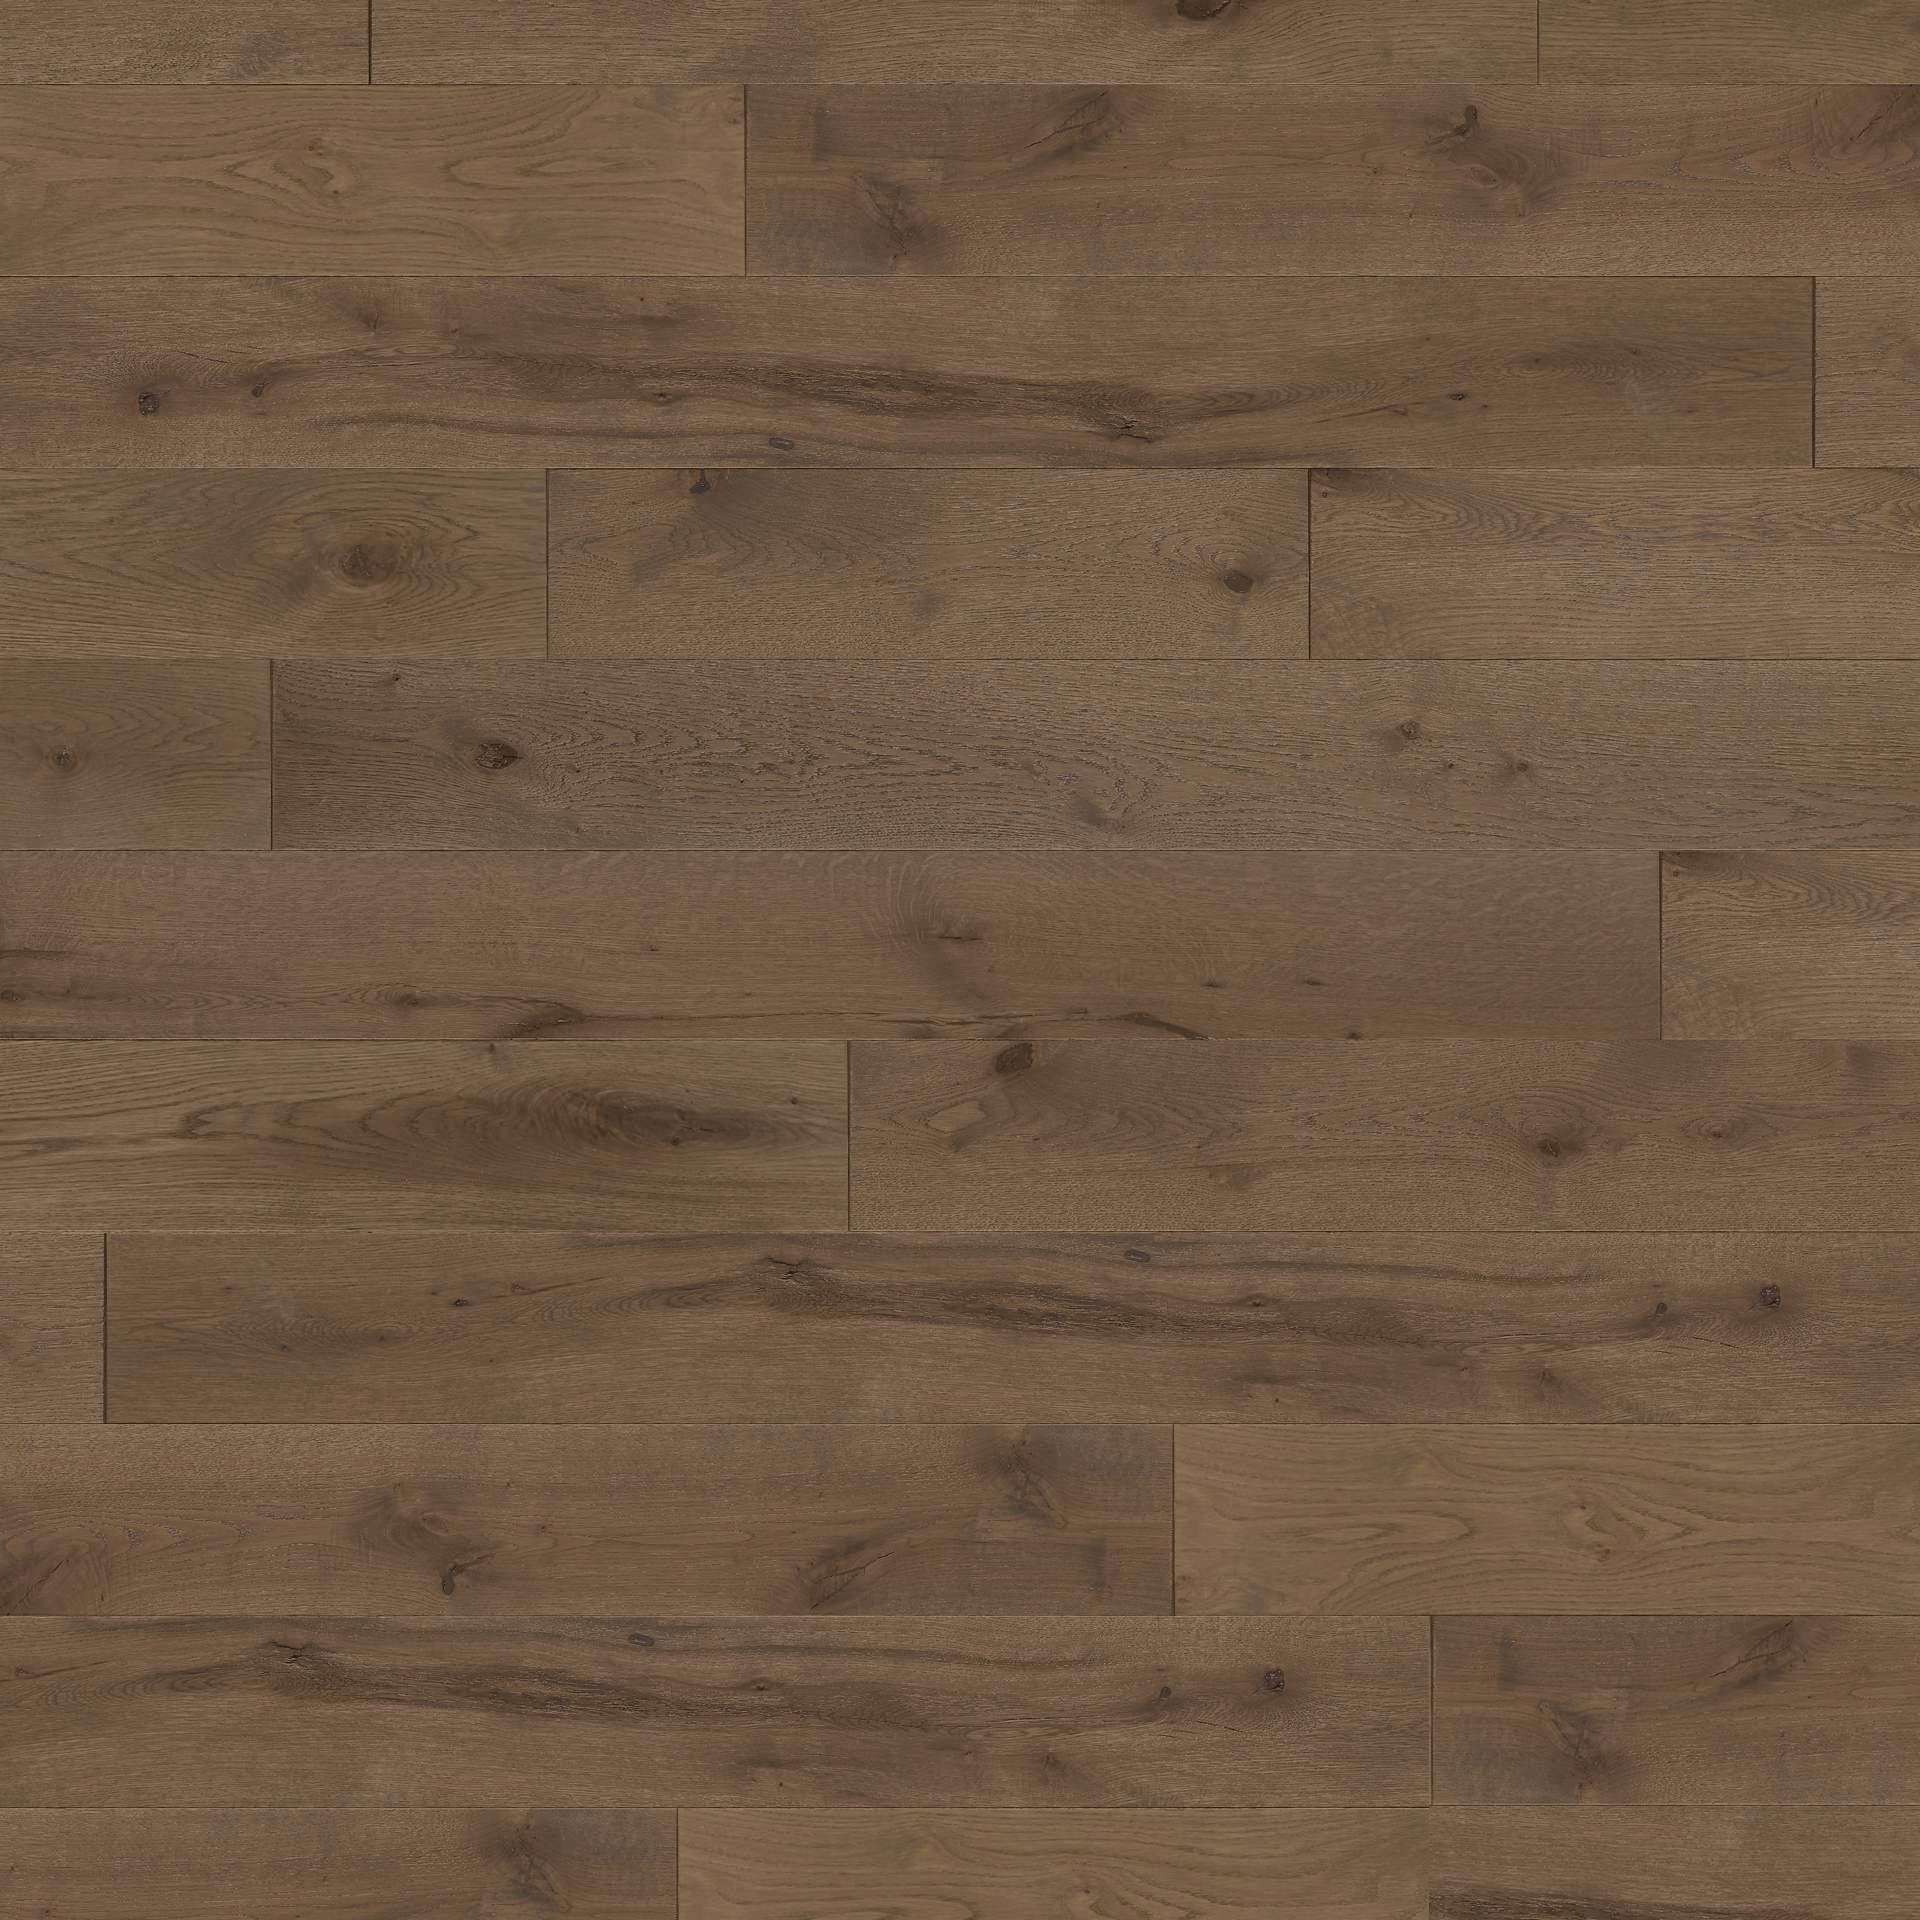 Madras Flooring: Flooring Contractor Vancouver